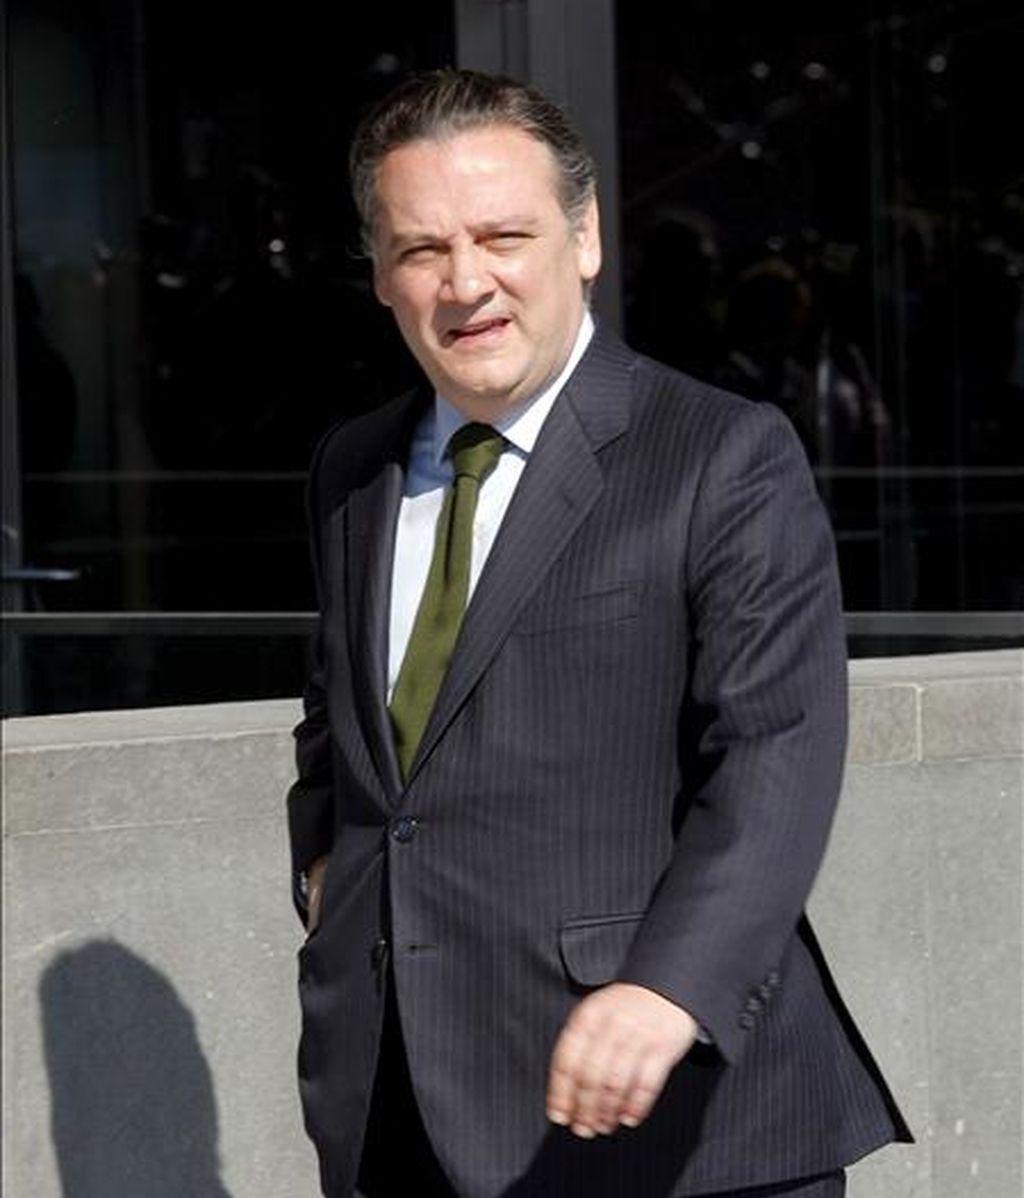 Fotografía de archivo (1/3/09) del diputado regional del PP y ex consejero de Justicia Alfredo Prada a su llegada a la reunión de la Junta Directiva del Partido.  EFE/Archivo